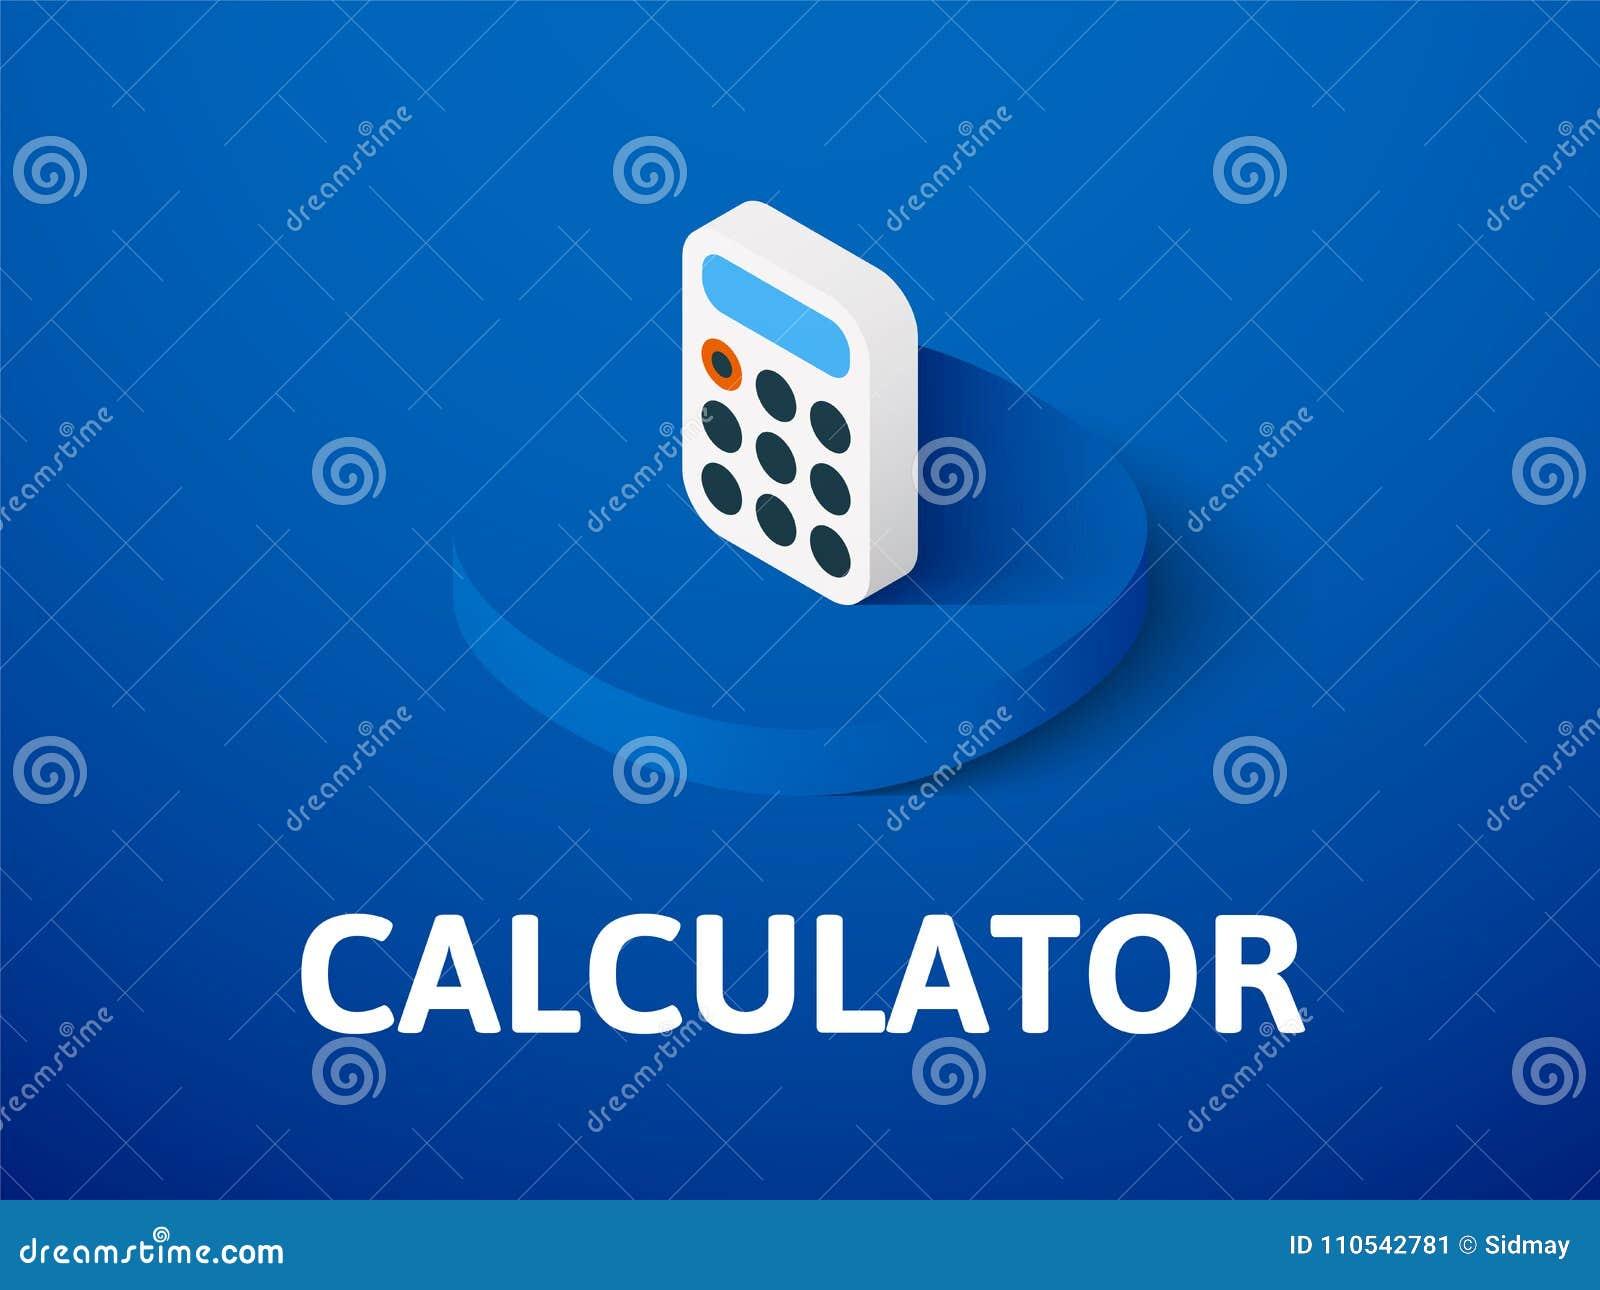 Calculator isometrisch pictogram, dat op kleurenachtergrond wordt geïsoleerd